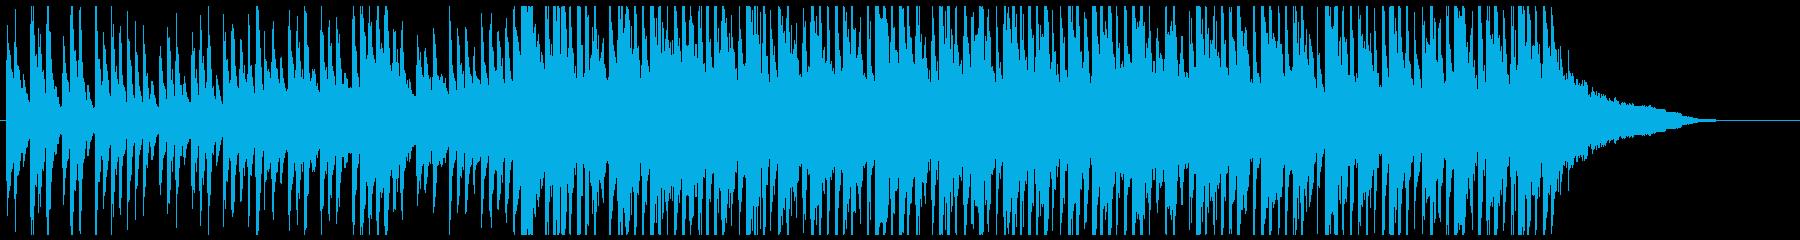 困難なミッションに挑むイメージ(30秒)の再生済みの波形